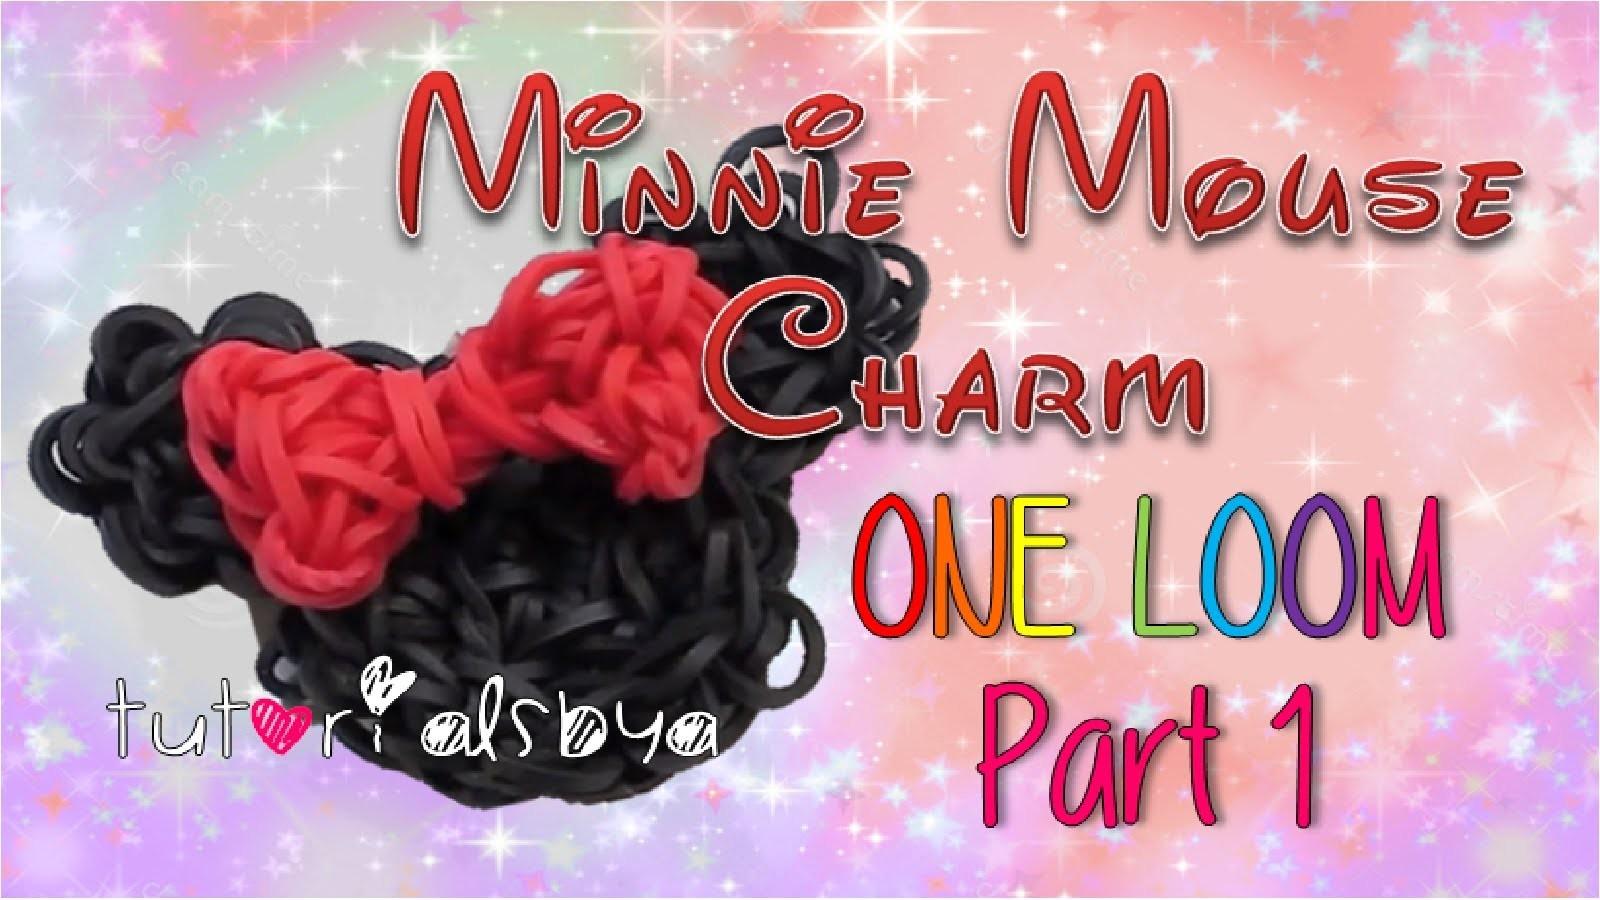 Part 1- 1 LOOM Minnie Mouse Rainbow Loom Charm Tutorial